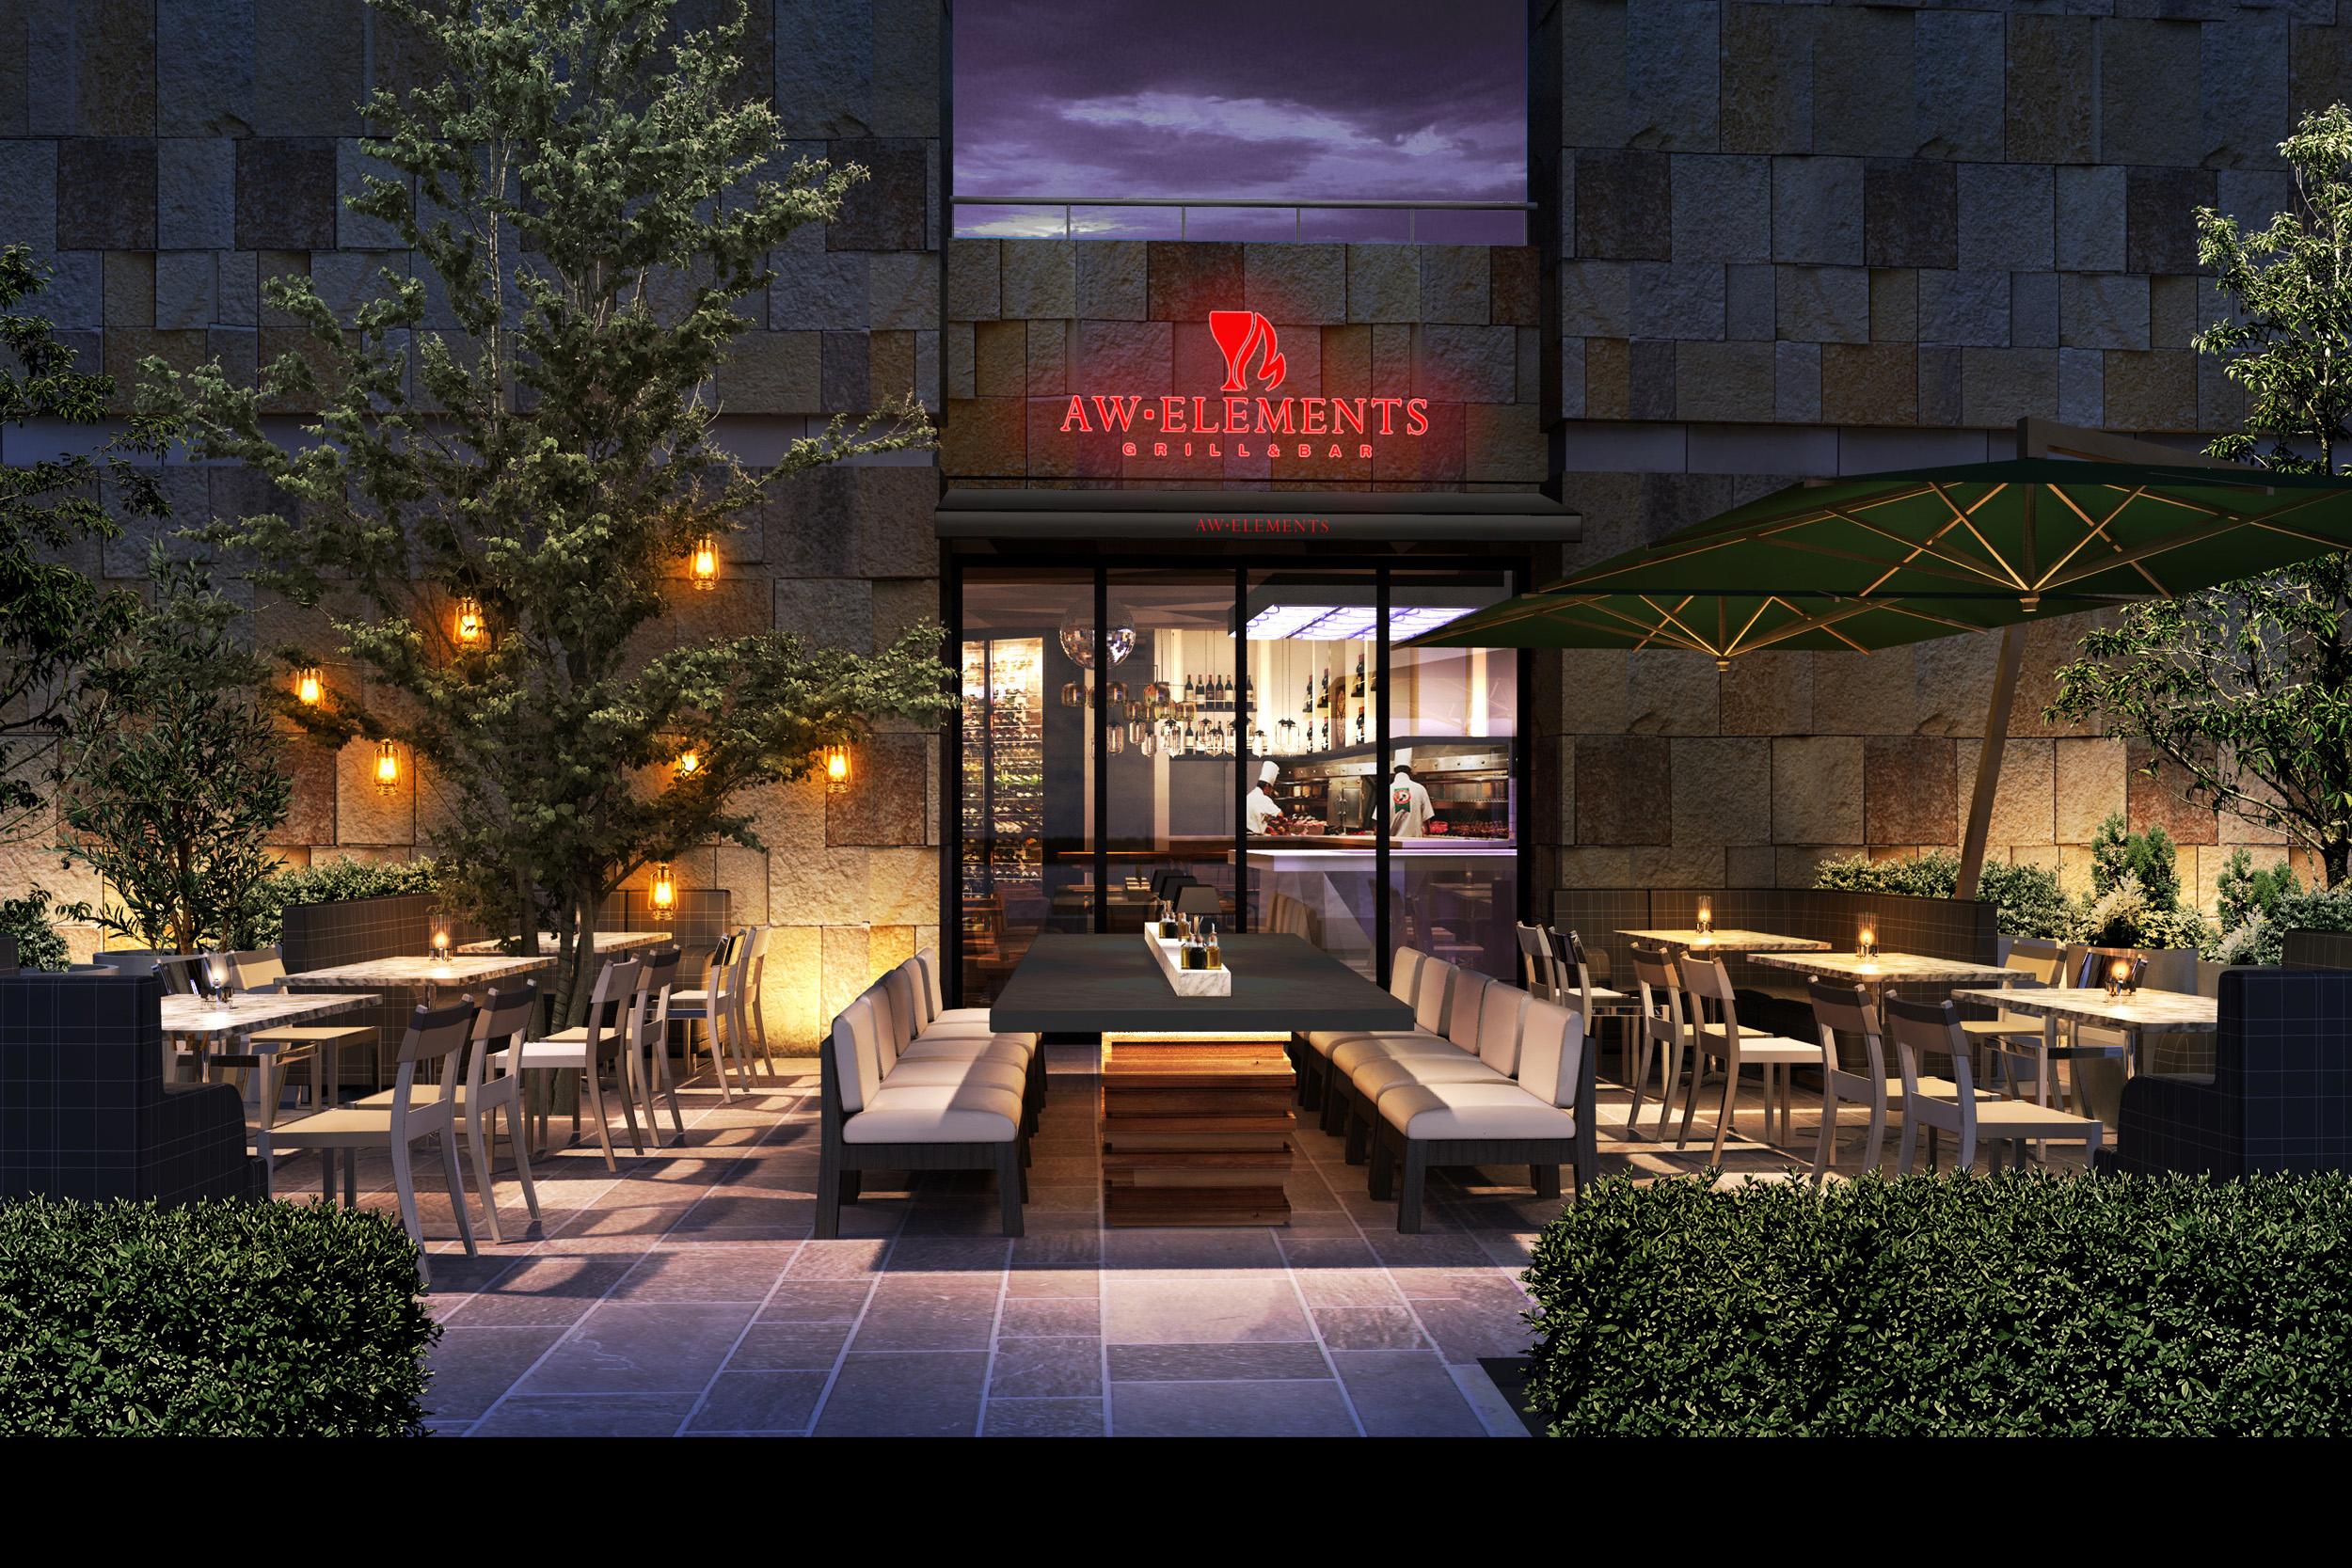 イートウォーク、六本木ヒルズに新店舗「AW ELEMENTS(エーダブリュ エレメンツ)」をオープン。